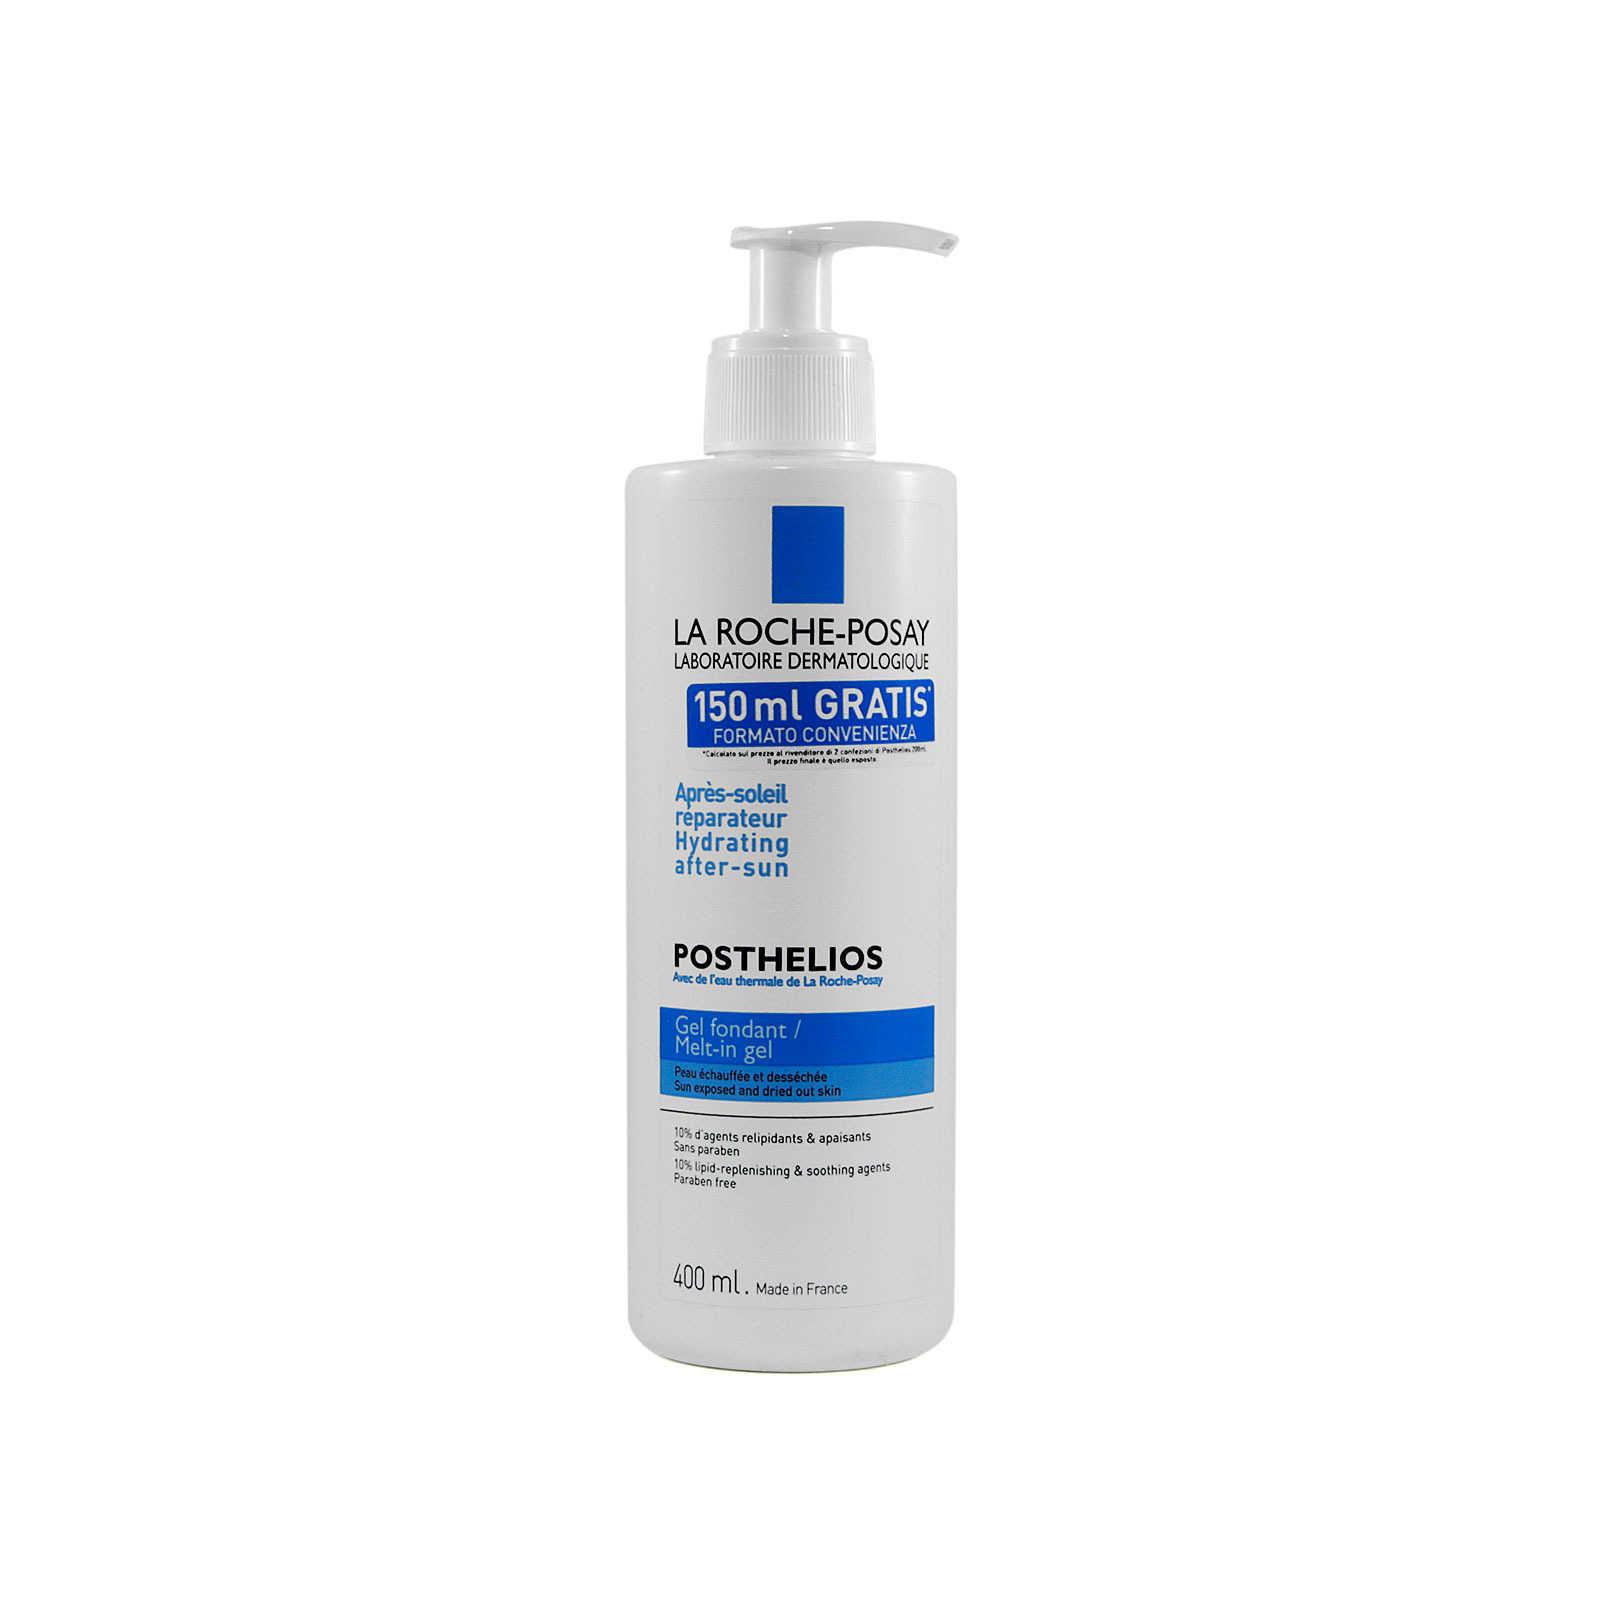 La Roche-posay - Crema Doposolo per pelli disidratate - Posthelios - Gel Fondant - 400ml